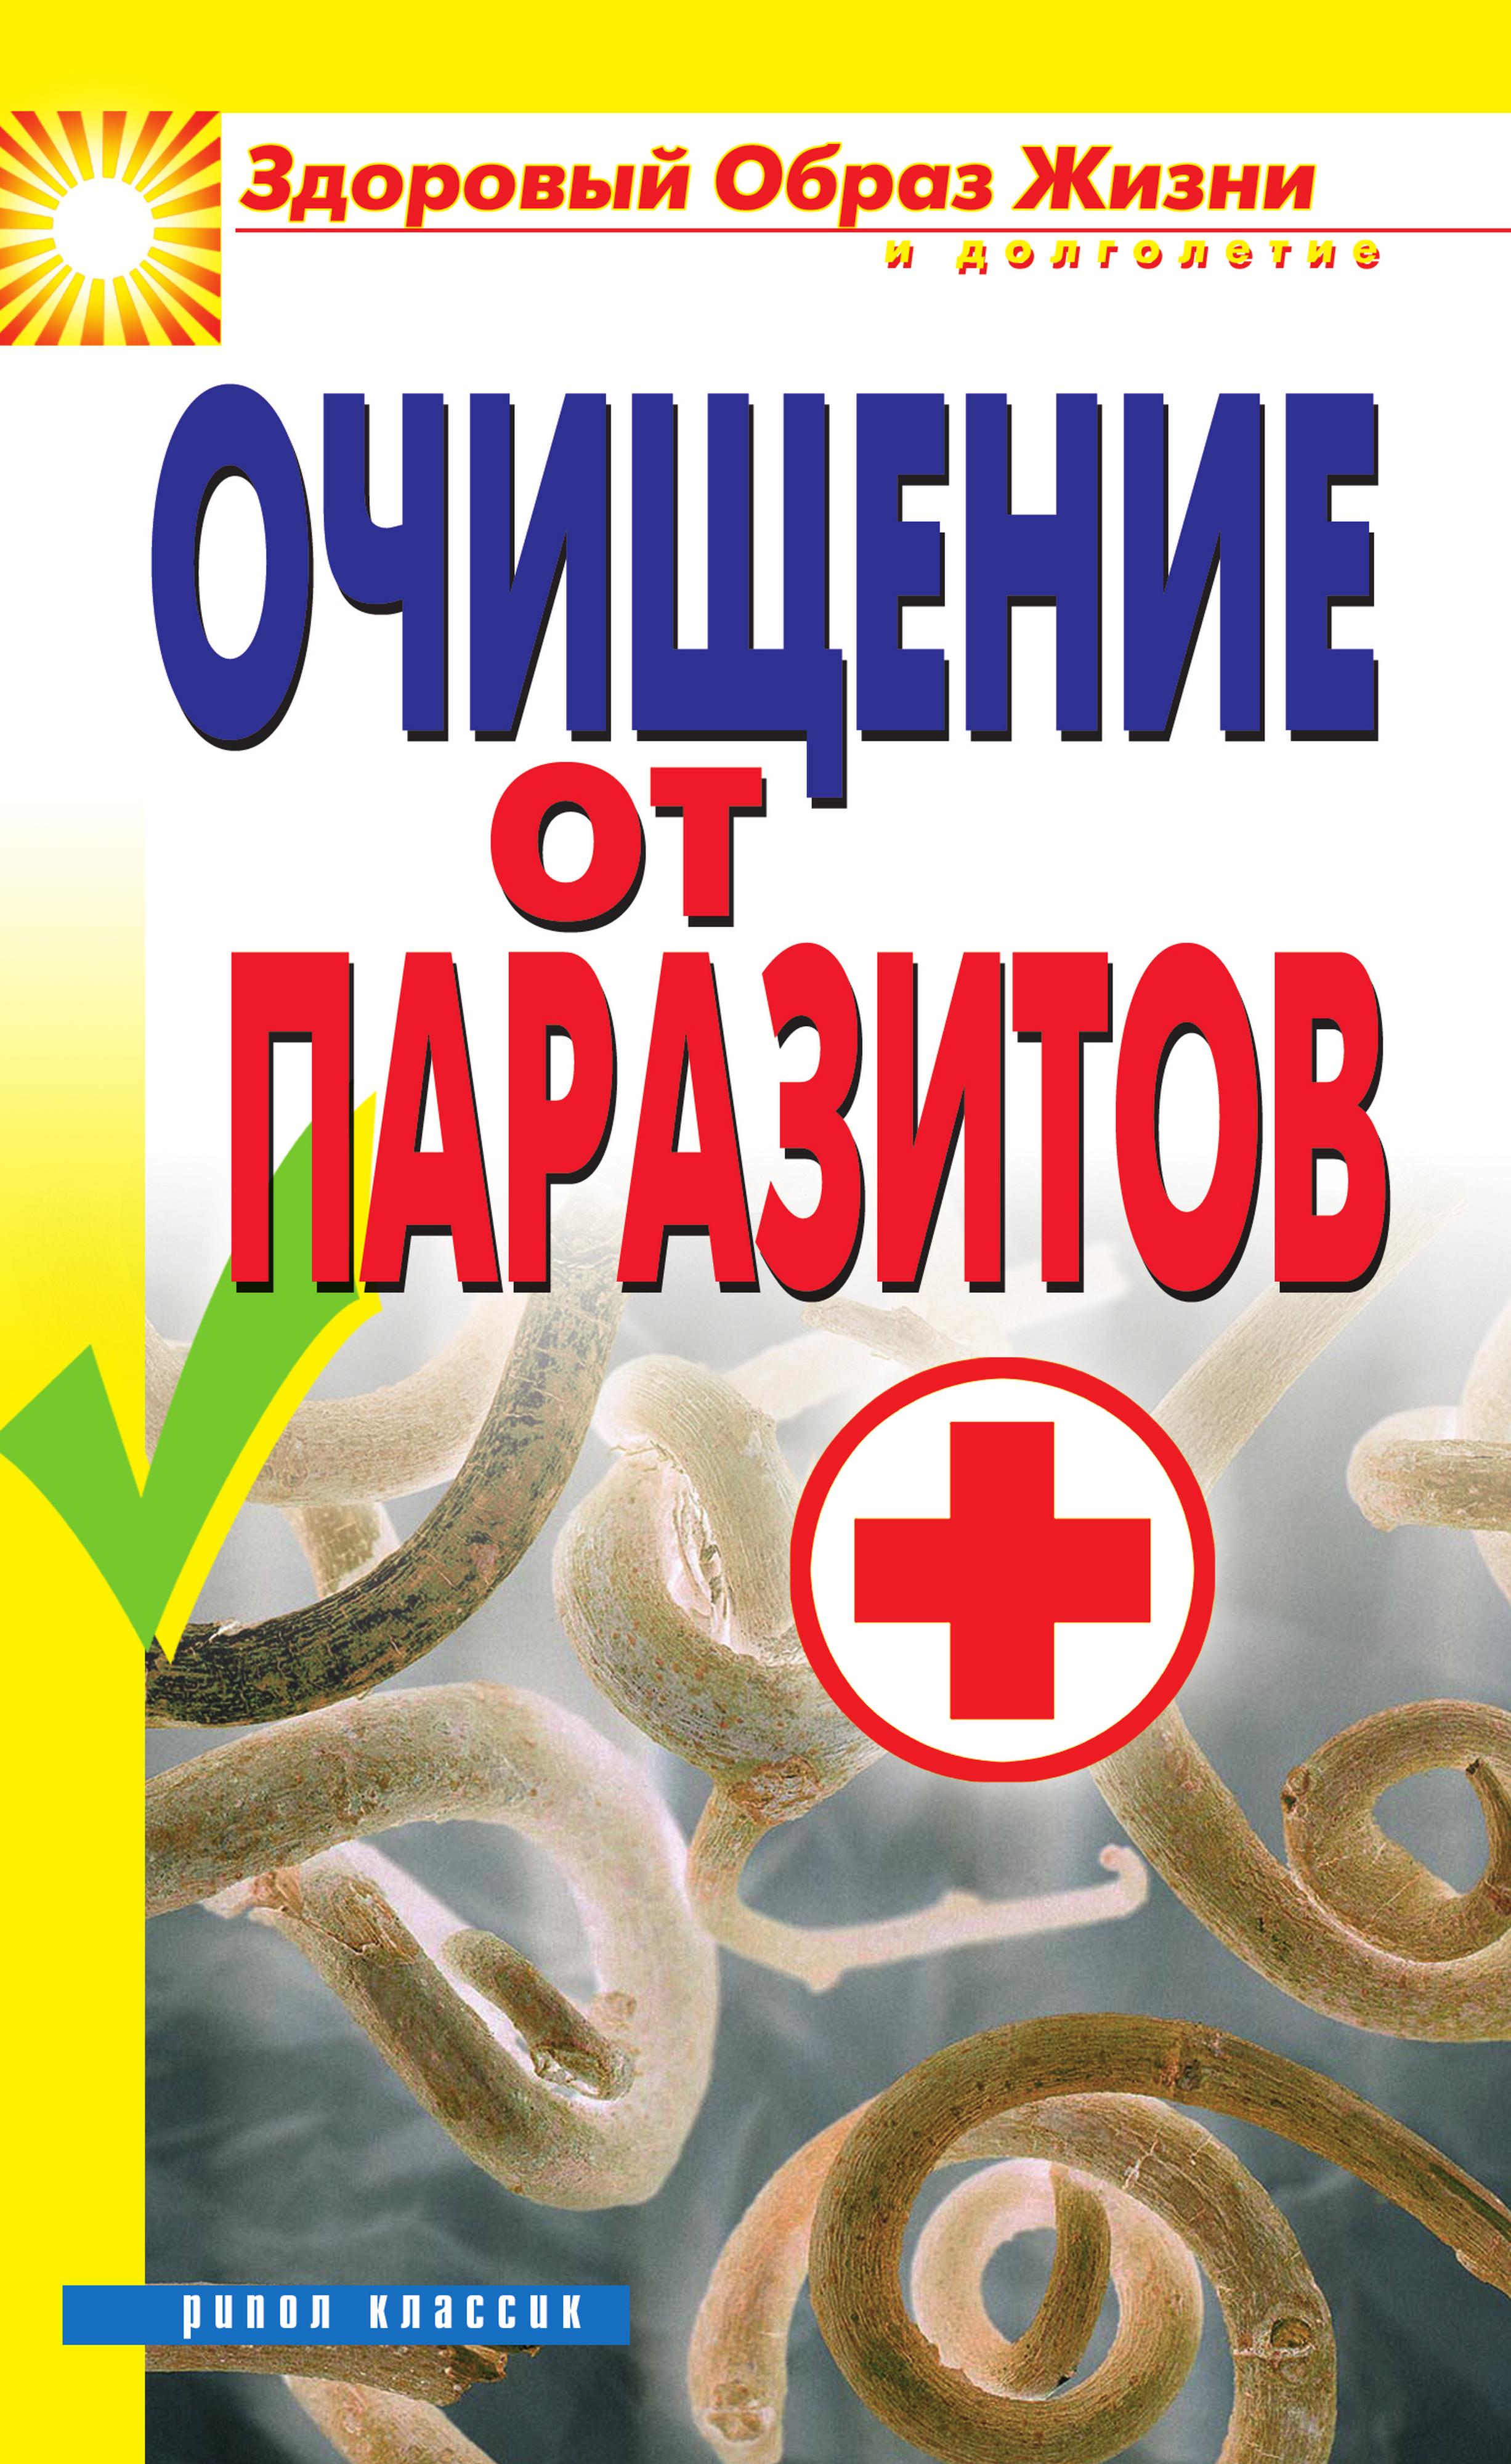 Отсутствует Очищение от паразитов ингерлейб михаил борисович очищение от паразитов